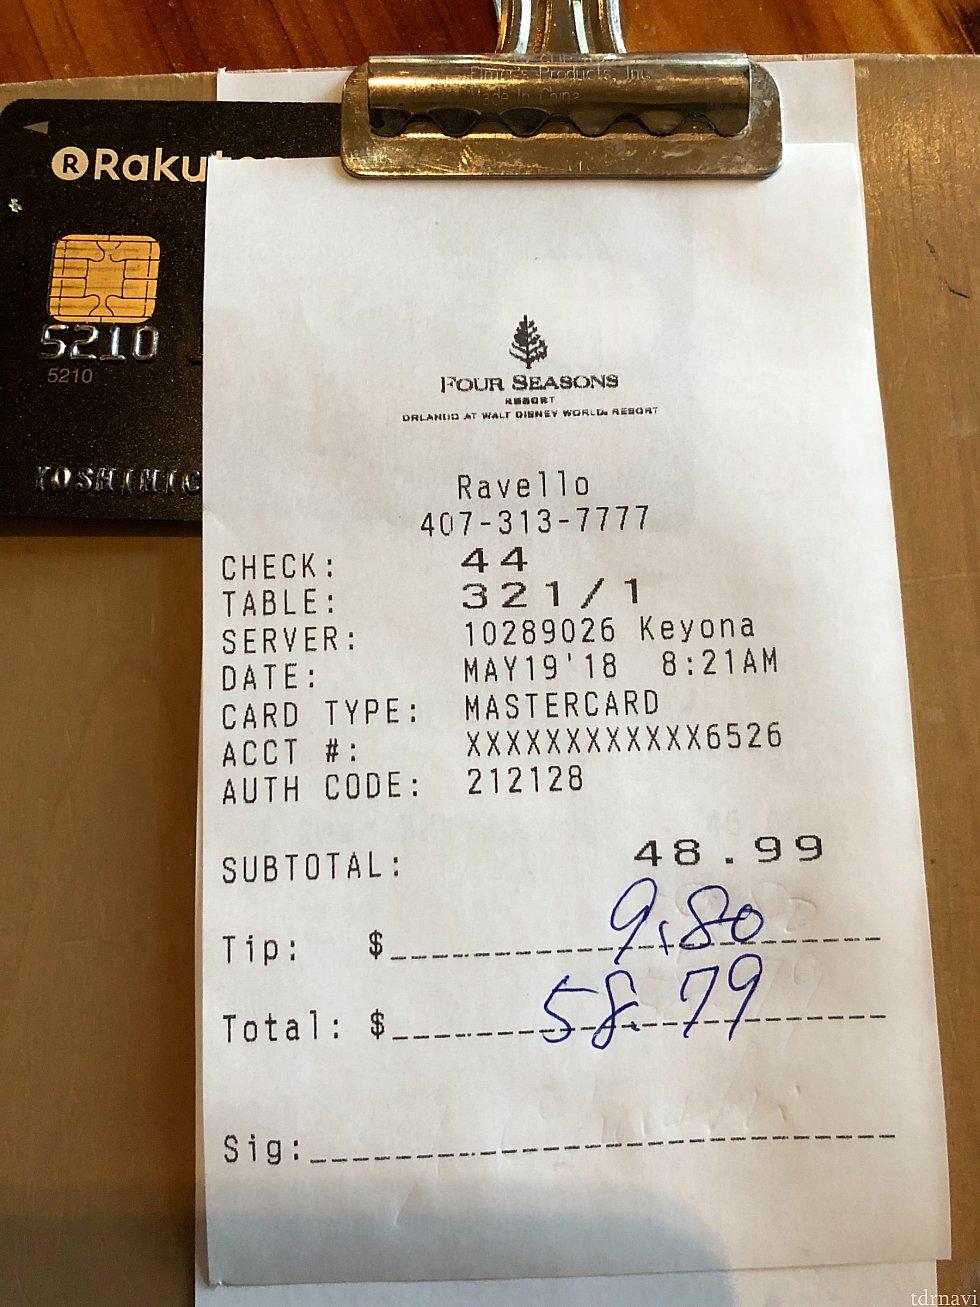 会計はこんな感じです。 50ドルほどですね。 マジックバンドは使えませんのでクレカか現金を。